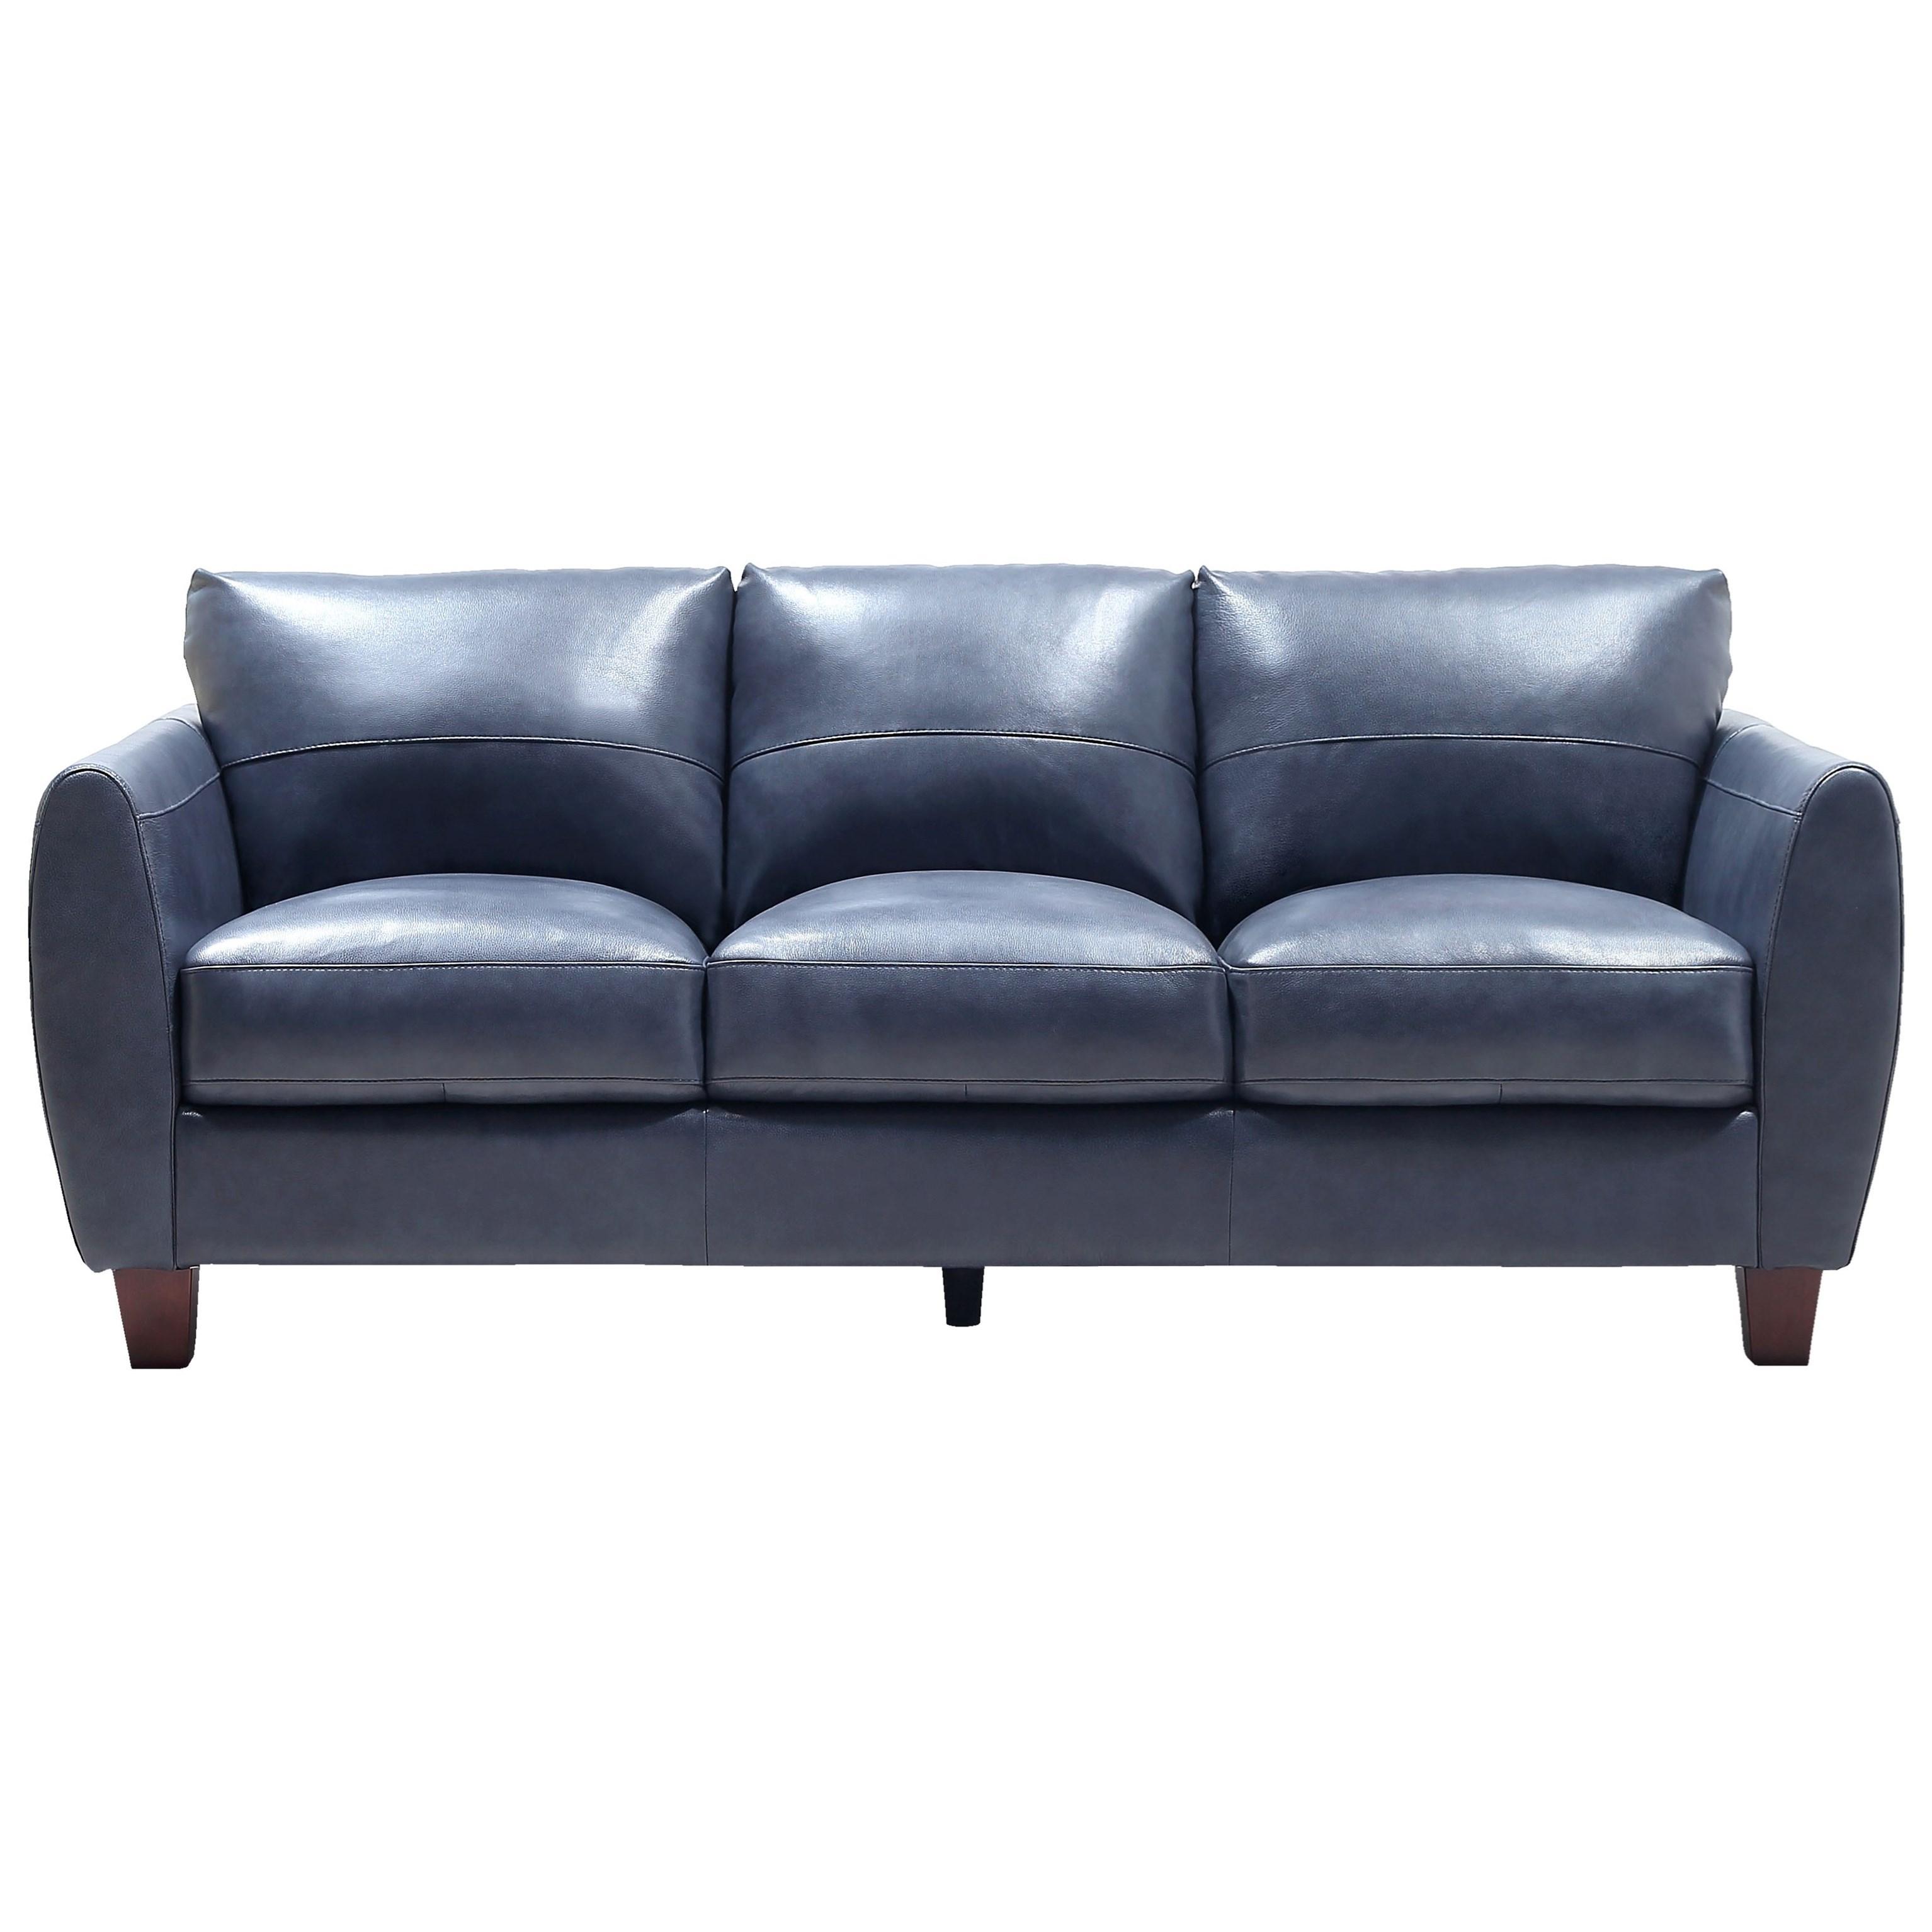 Traverse Sofa at Rotmans